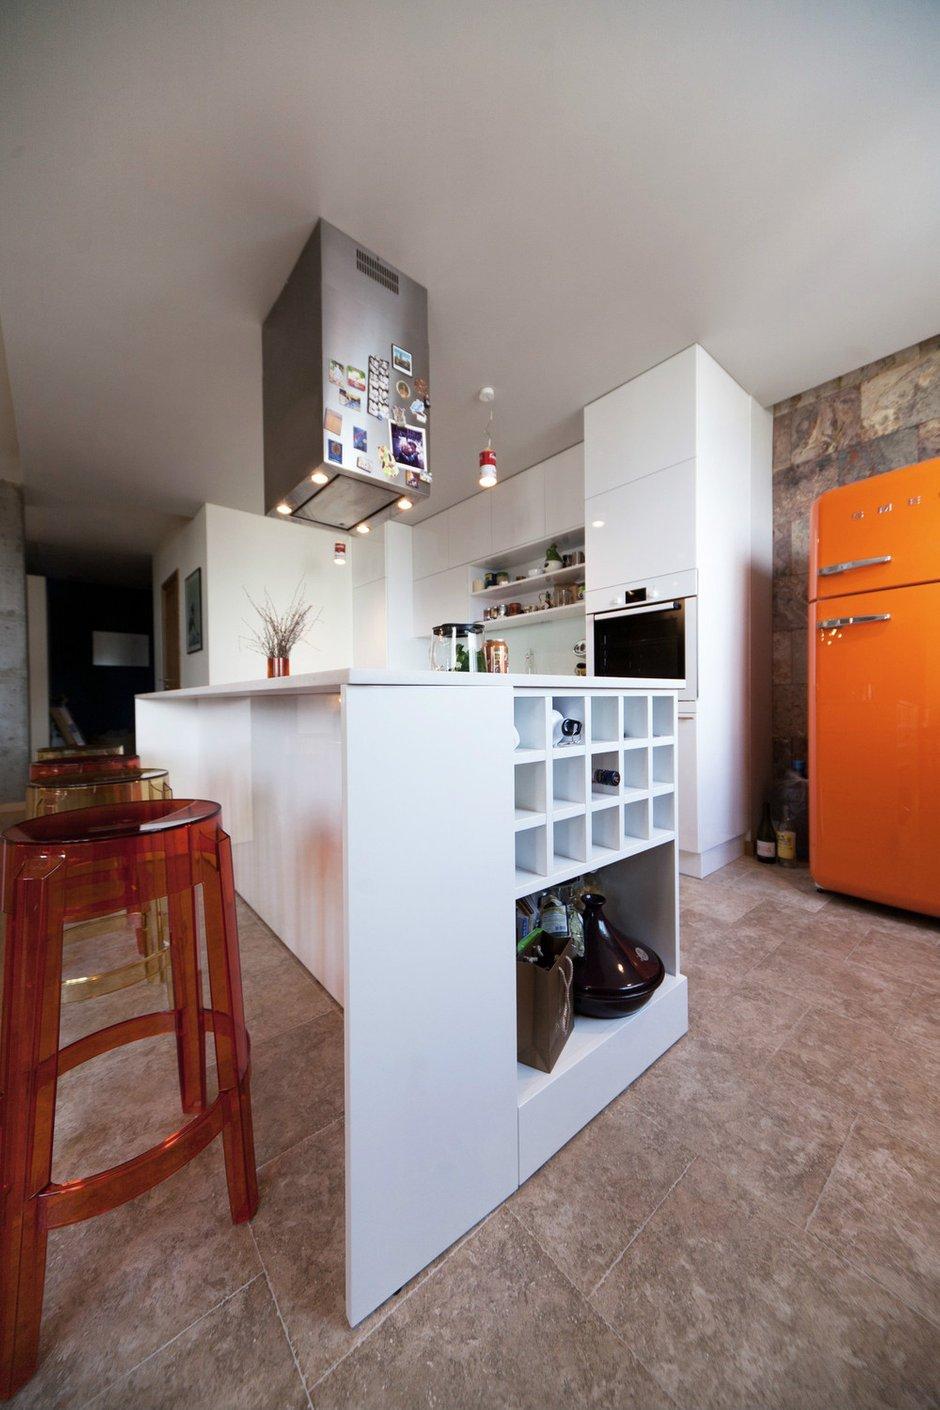 Фотография: Кухня и столовая в стиле Скандинавский, Интерьер комнат, Цвет в интерьере, Белый, Перепланировка – фото на INMYROOM